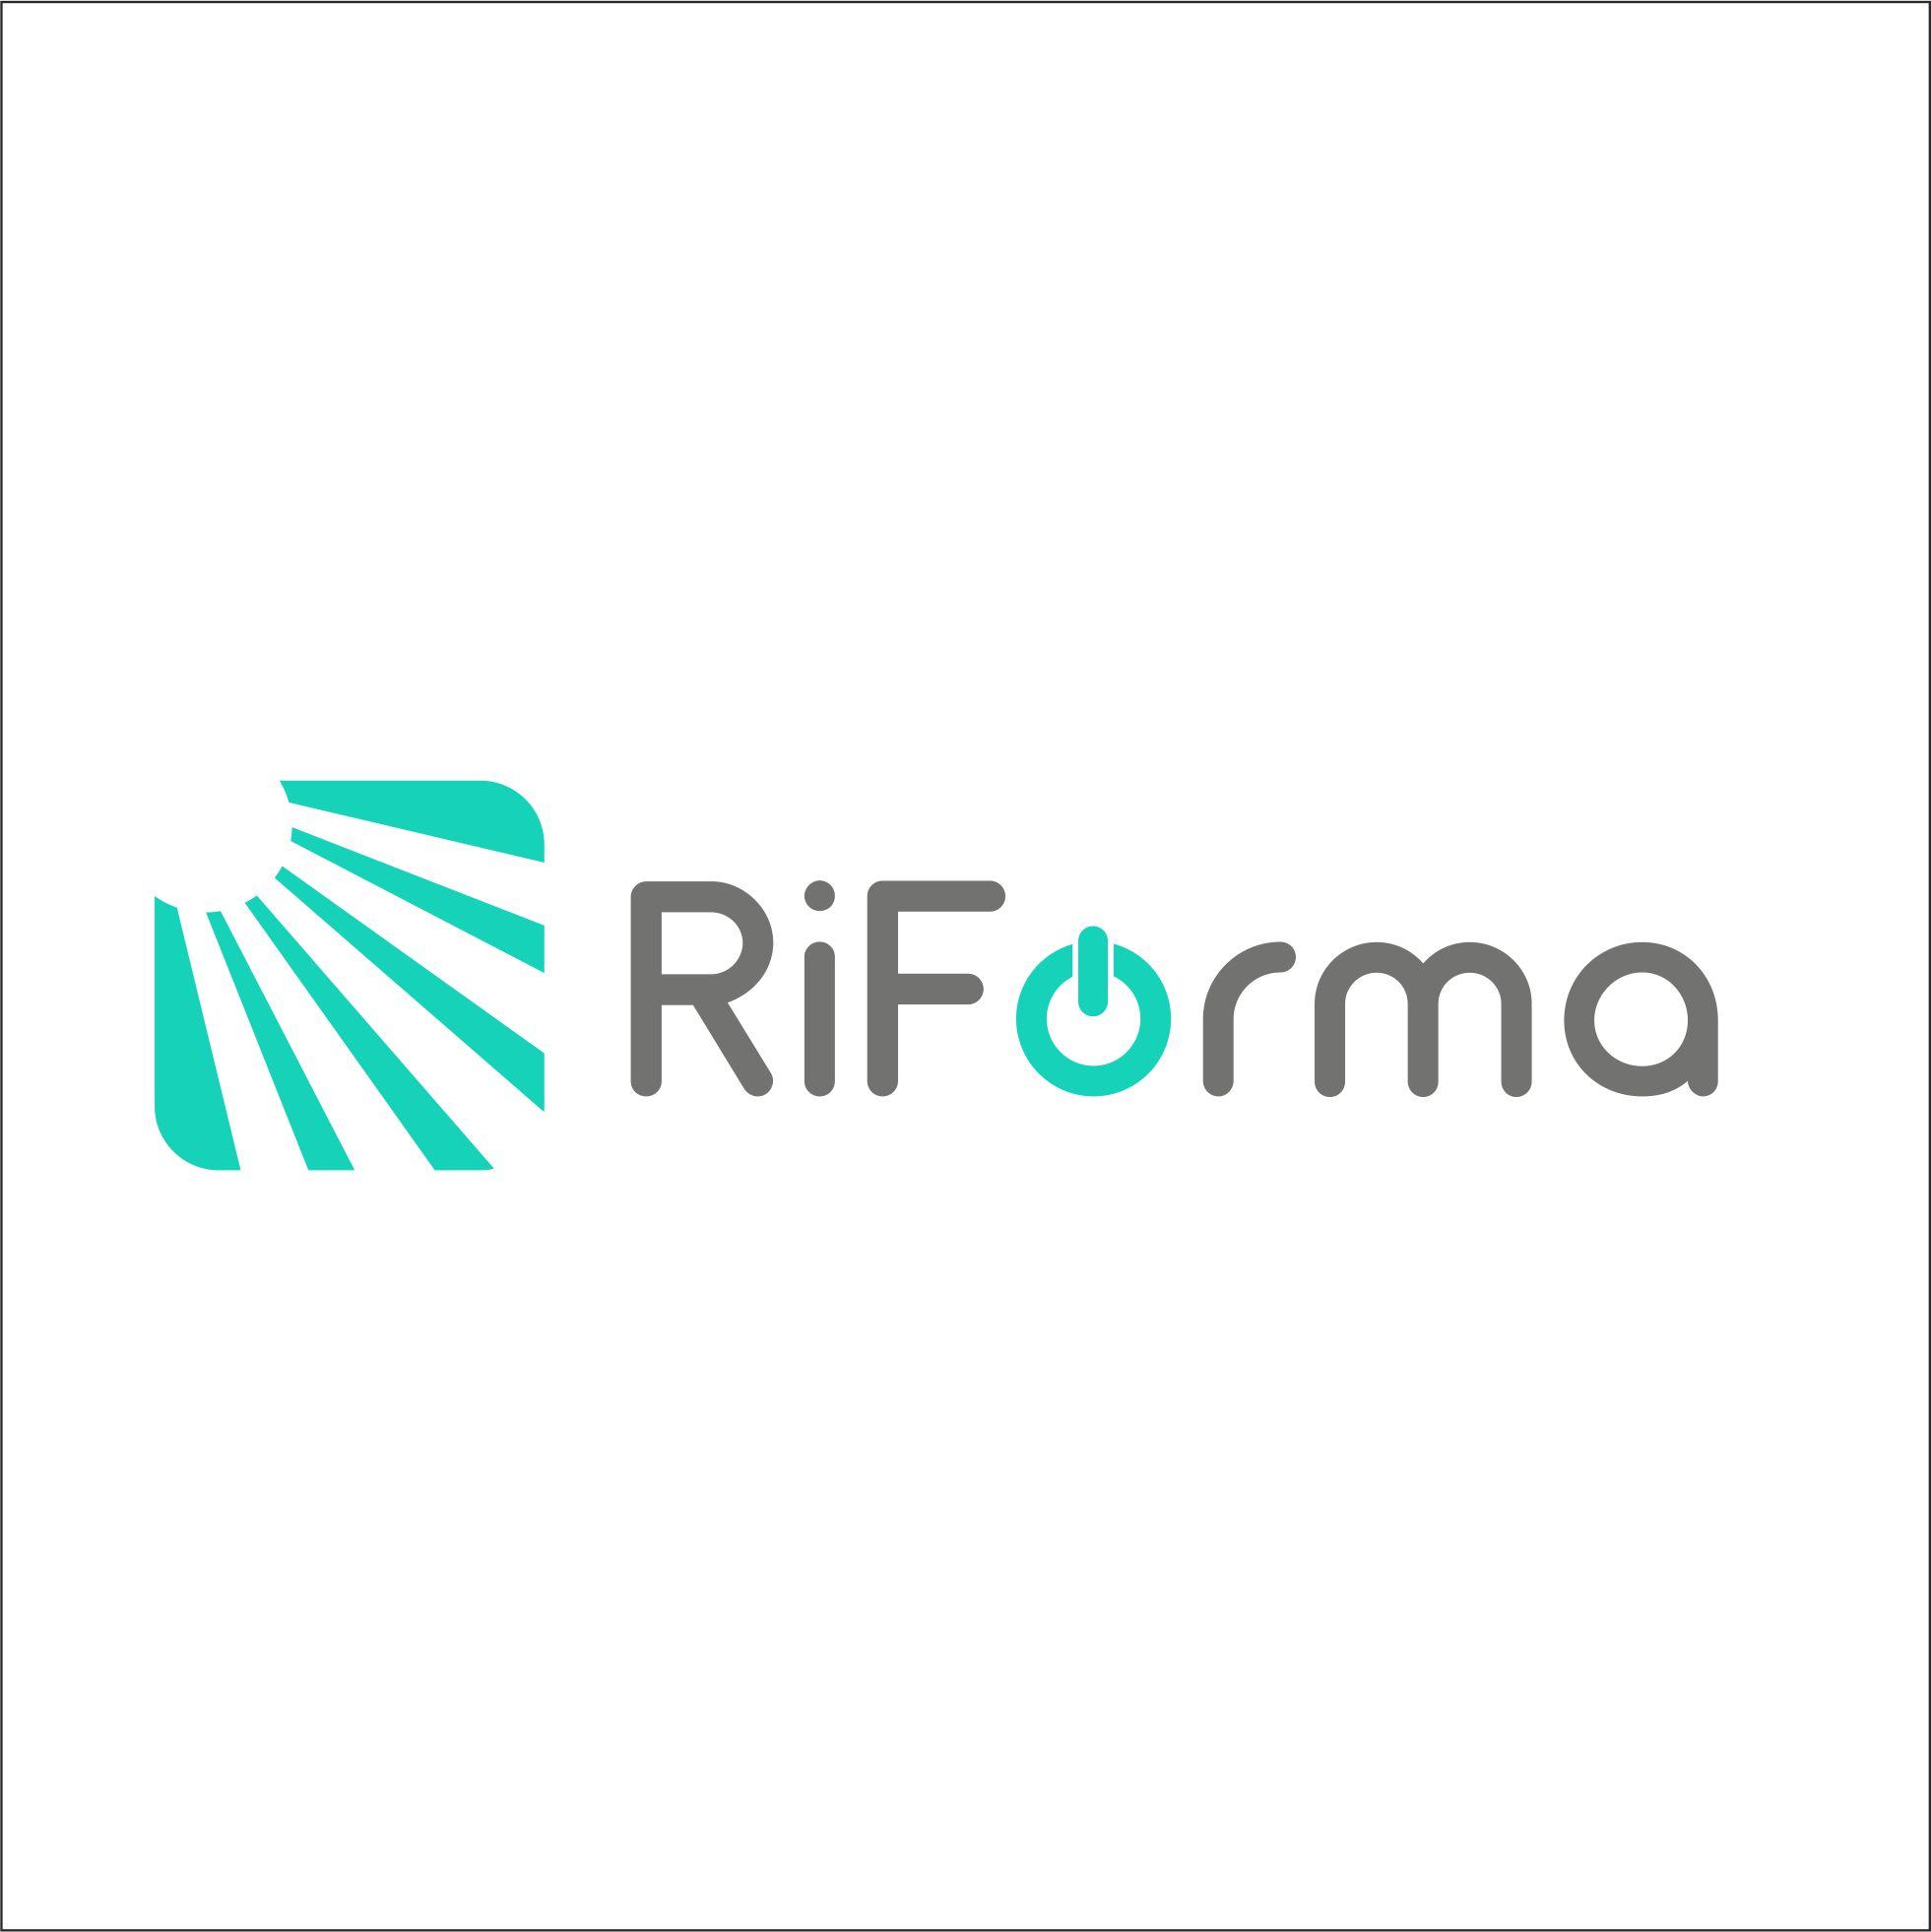 Разработка логотипа и элементов фирменного стиля фото f_98957951cd8e1fe6.jpg